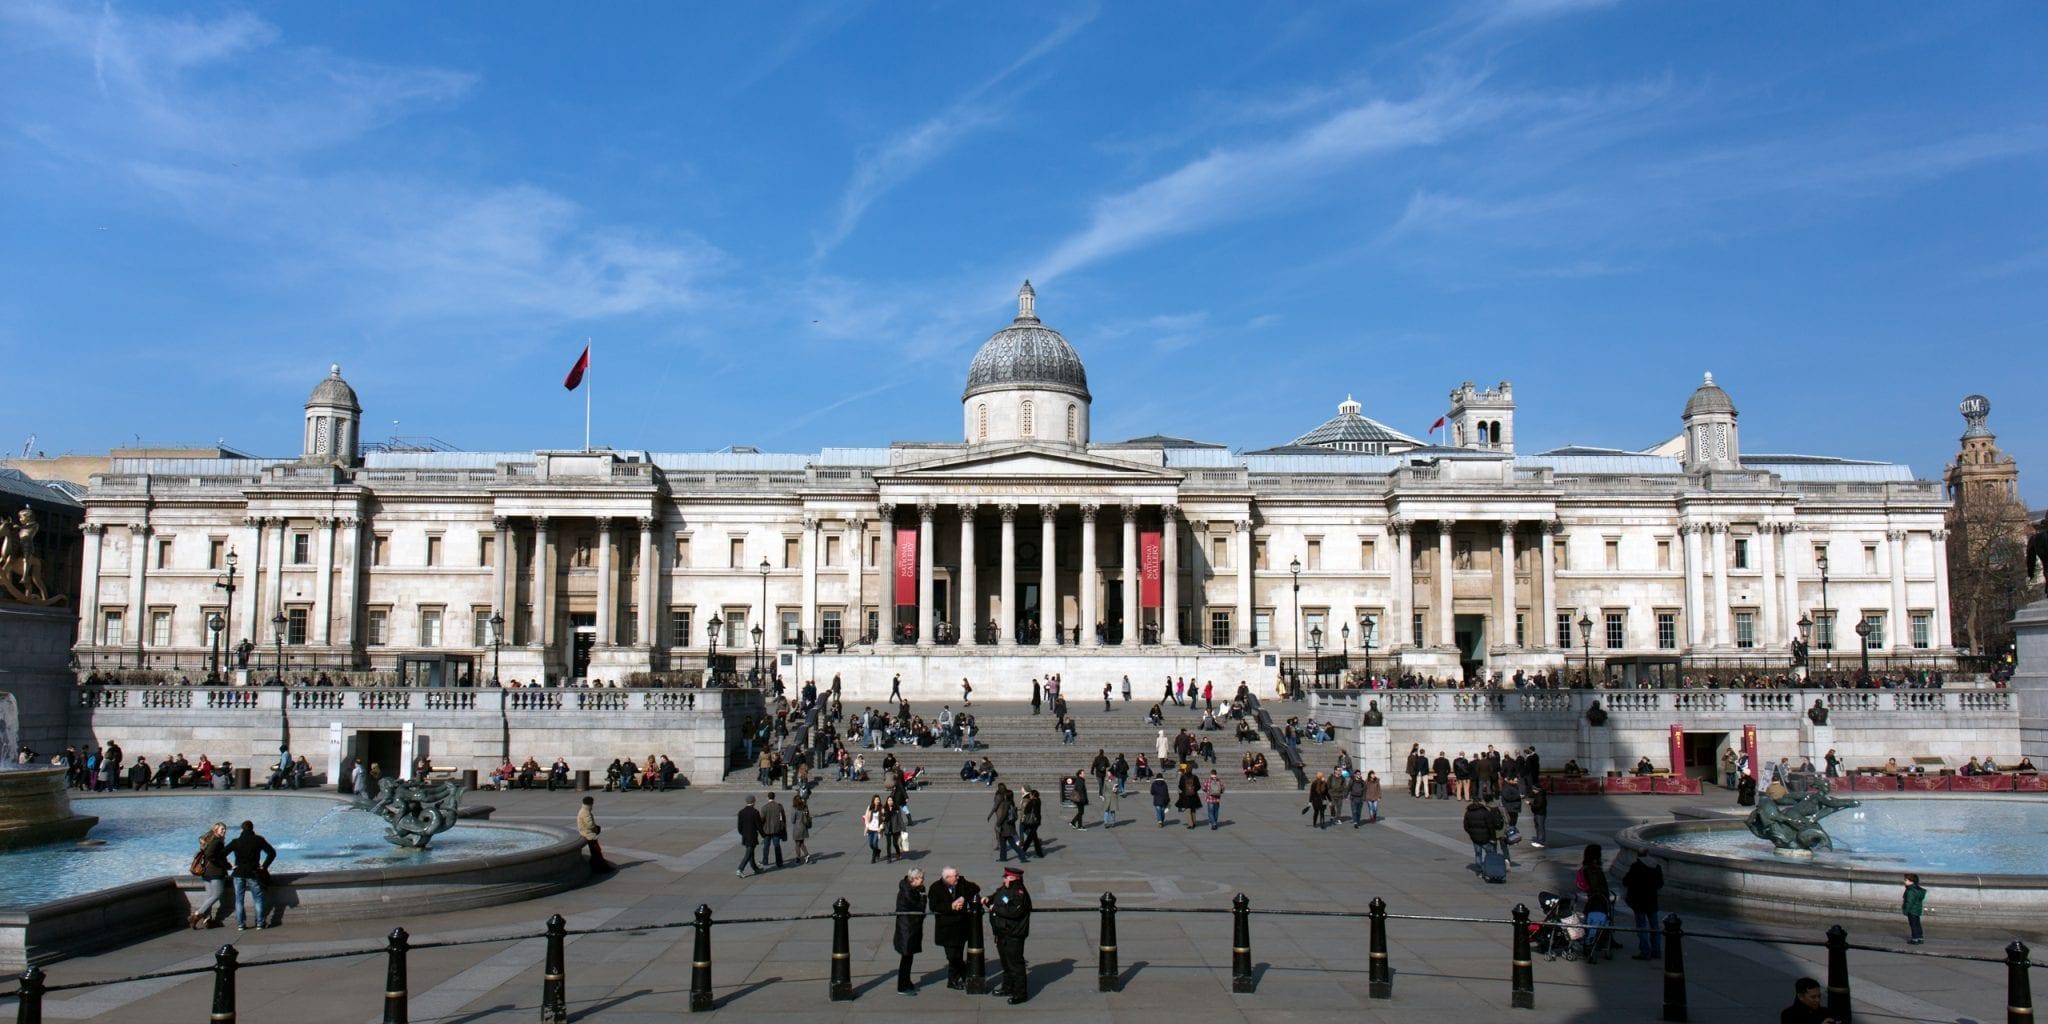 National Gallery museos de Londres